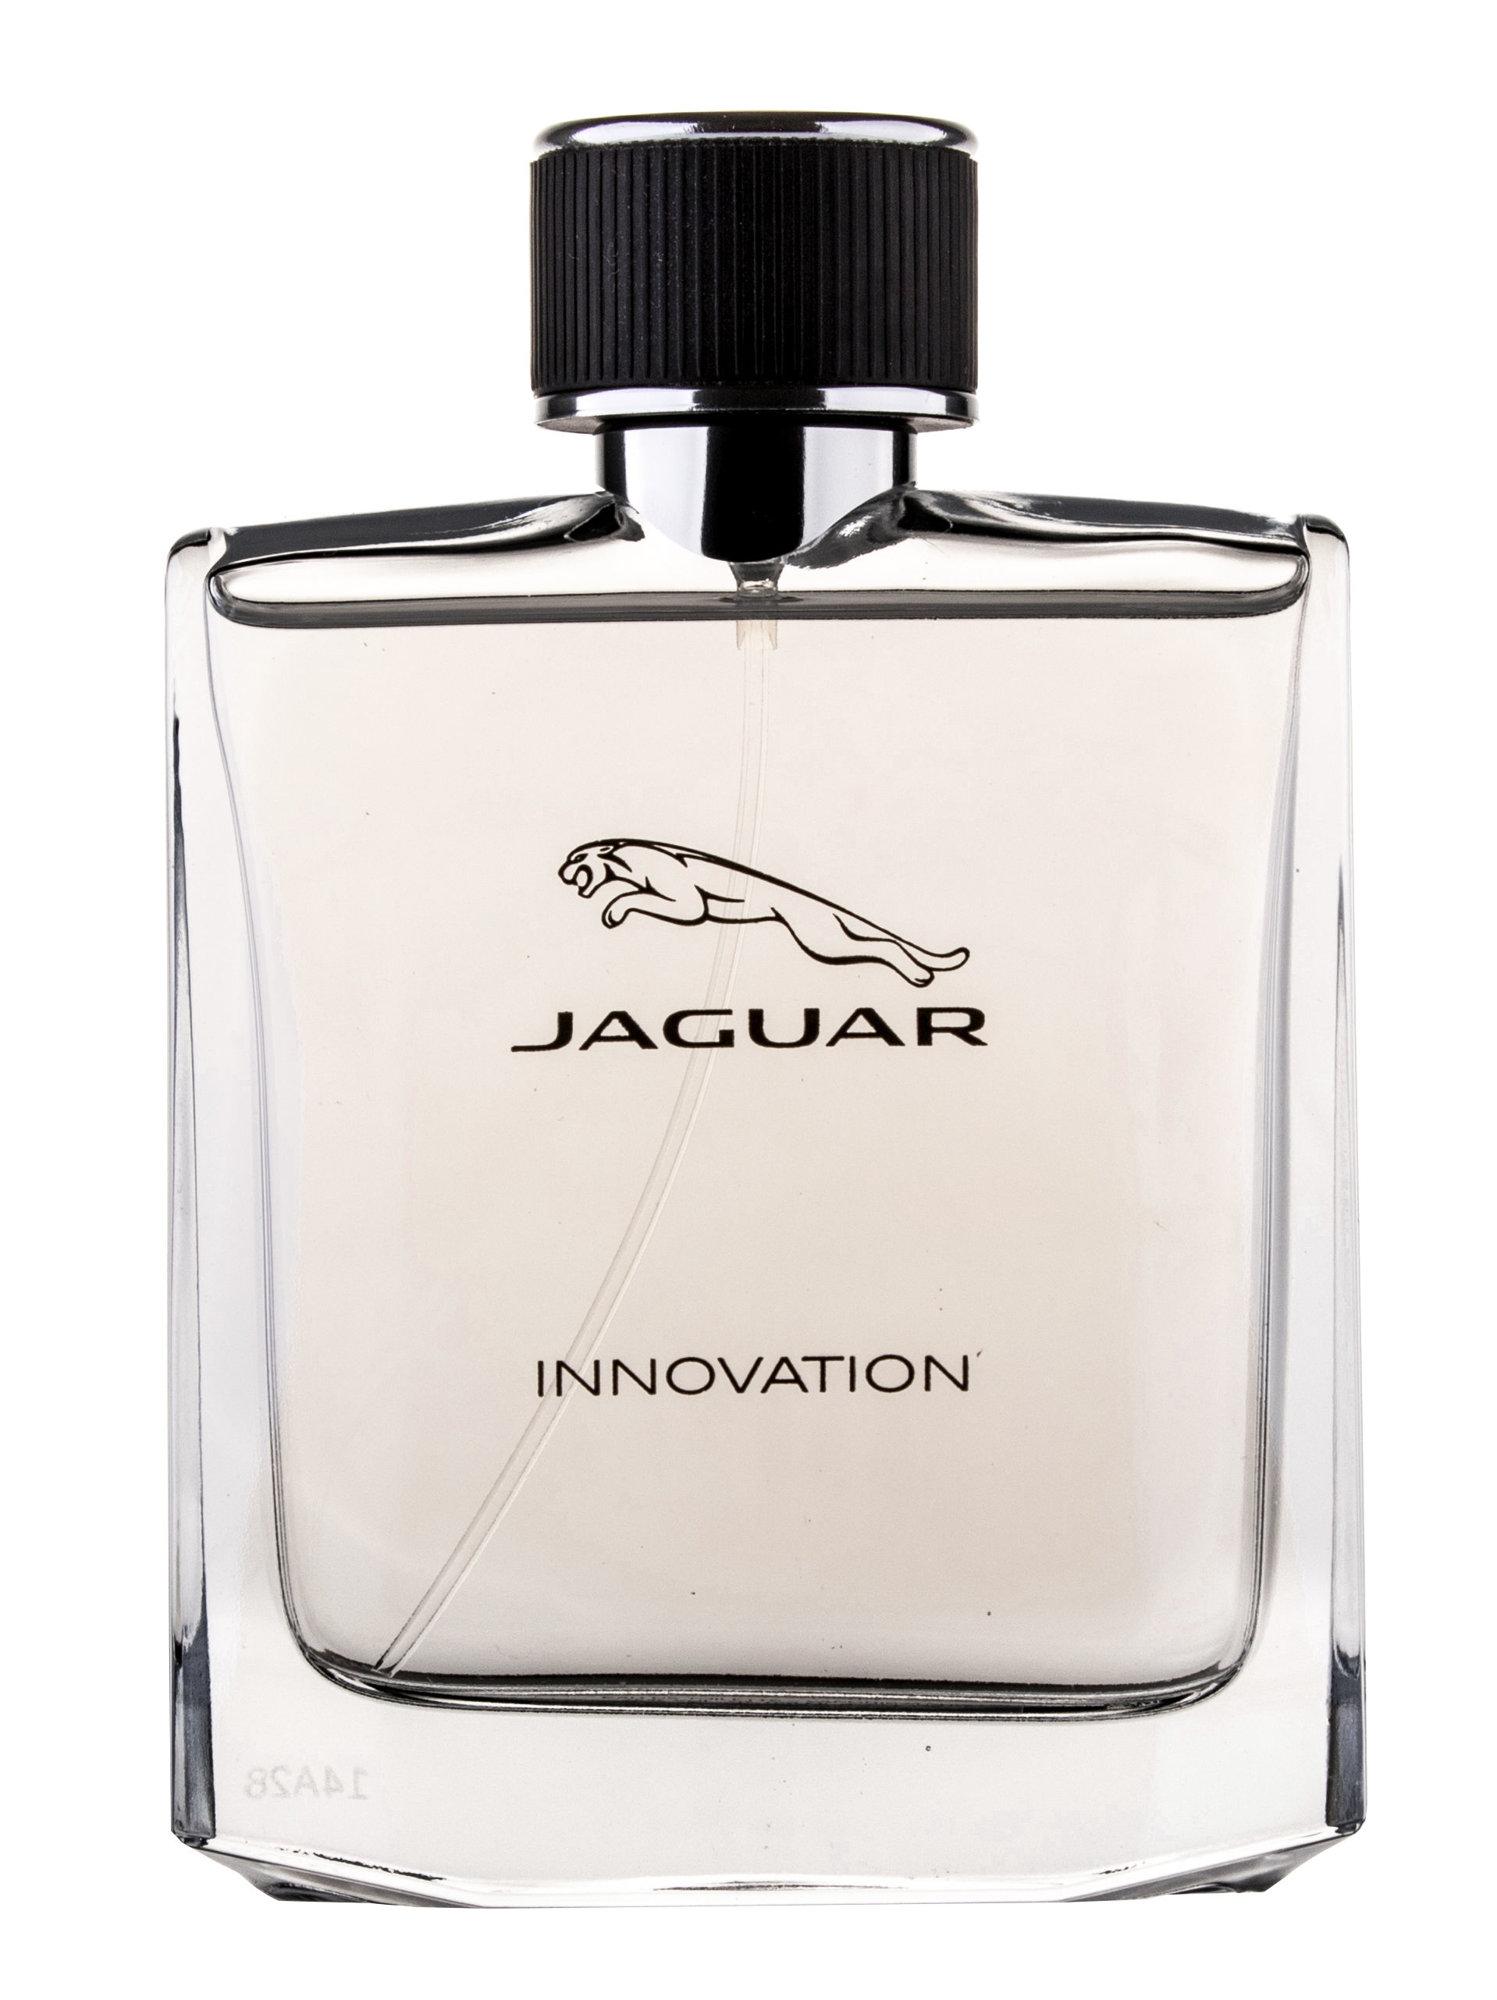 Jaguar Innovation Eau de Toilette 100ml